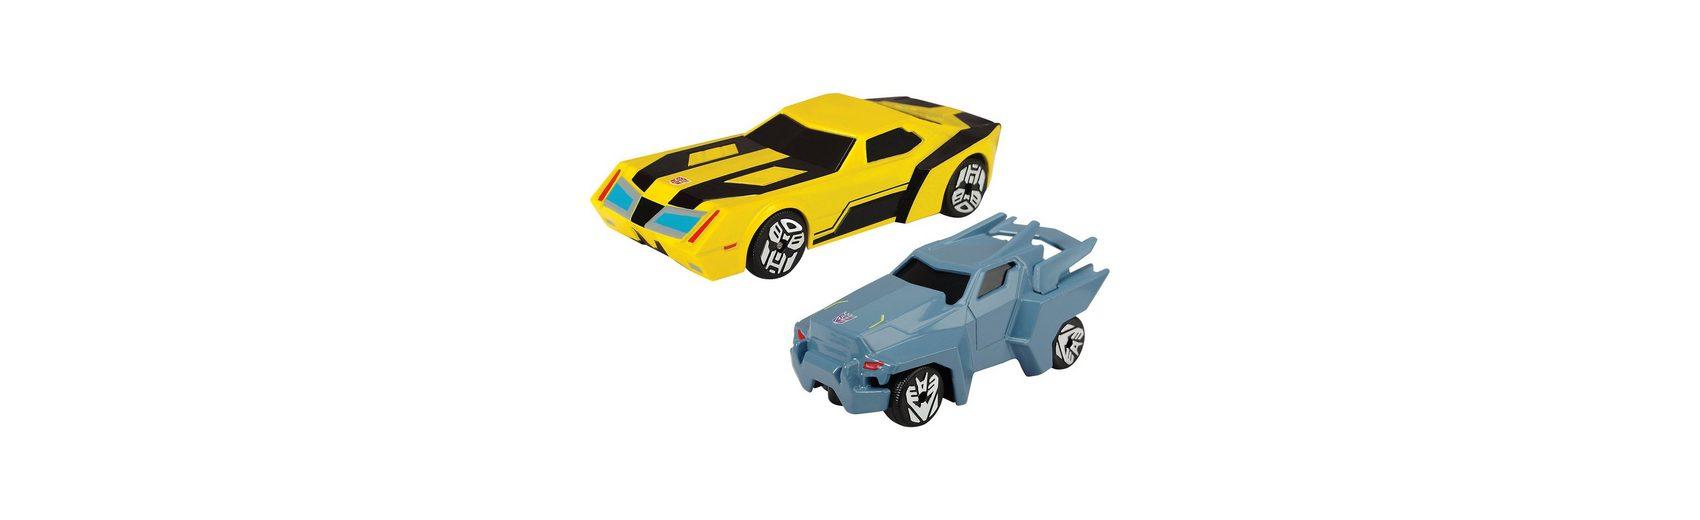 Dickie Toys Transformers 2er Pack gelb/blau